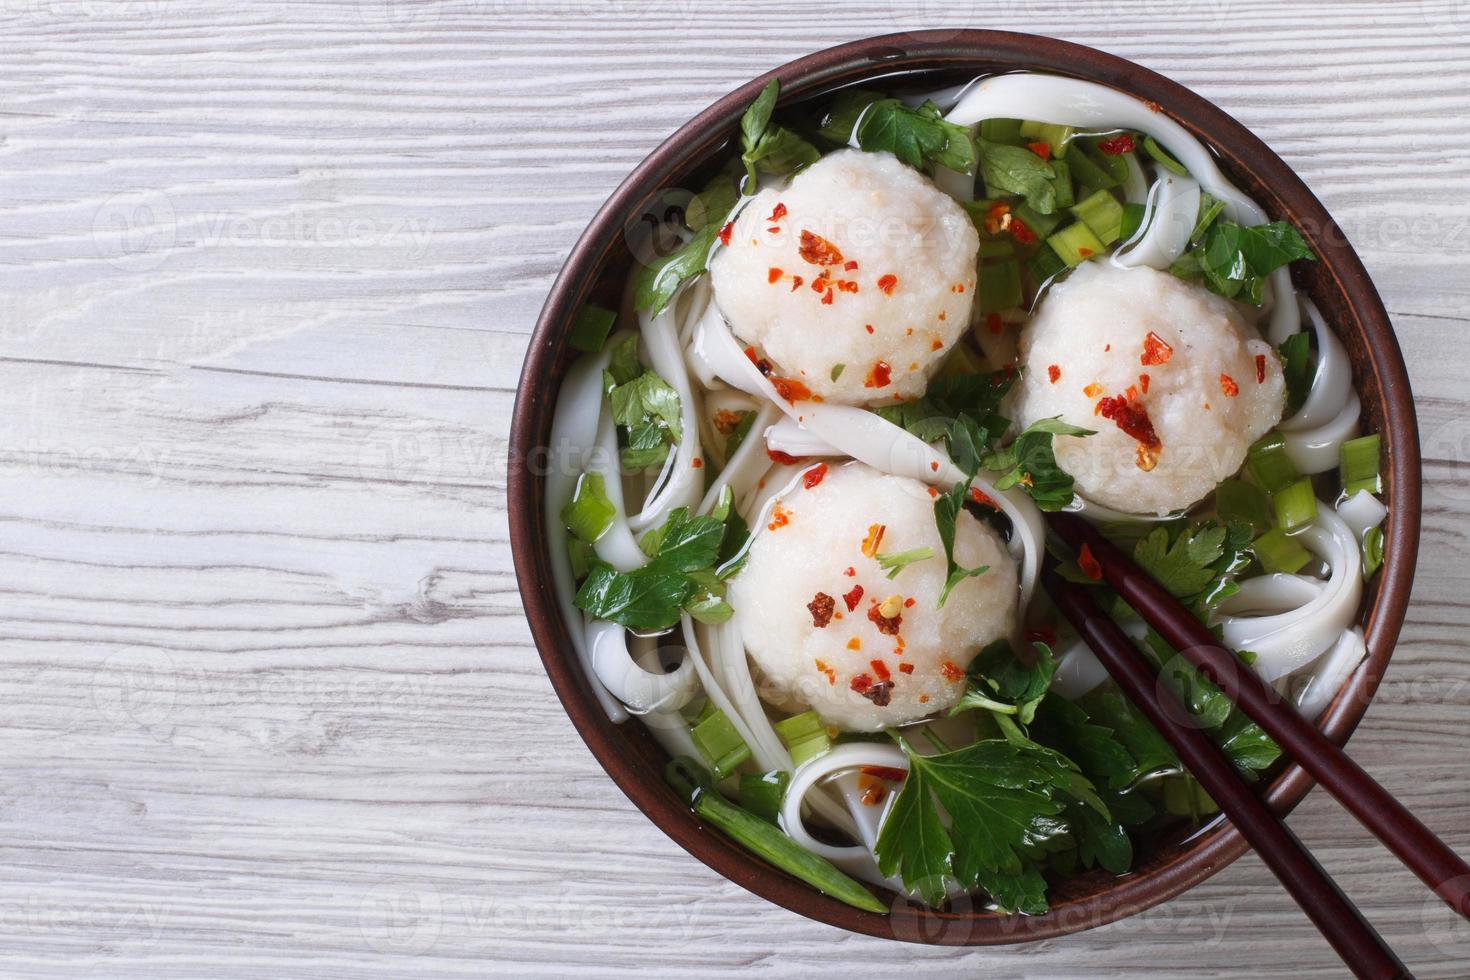 soupe asiatique avec des boulettes de poisson et des nouilles de riz vue de dessus photo